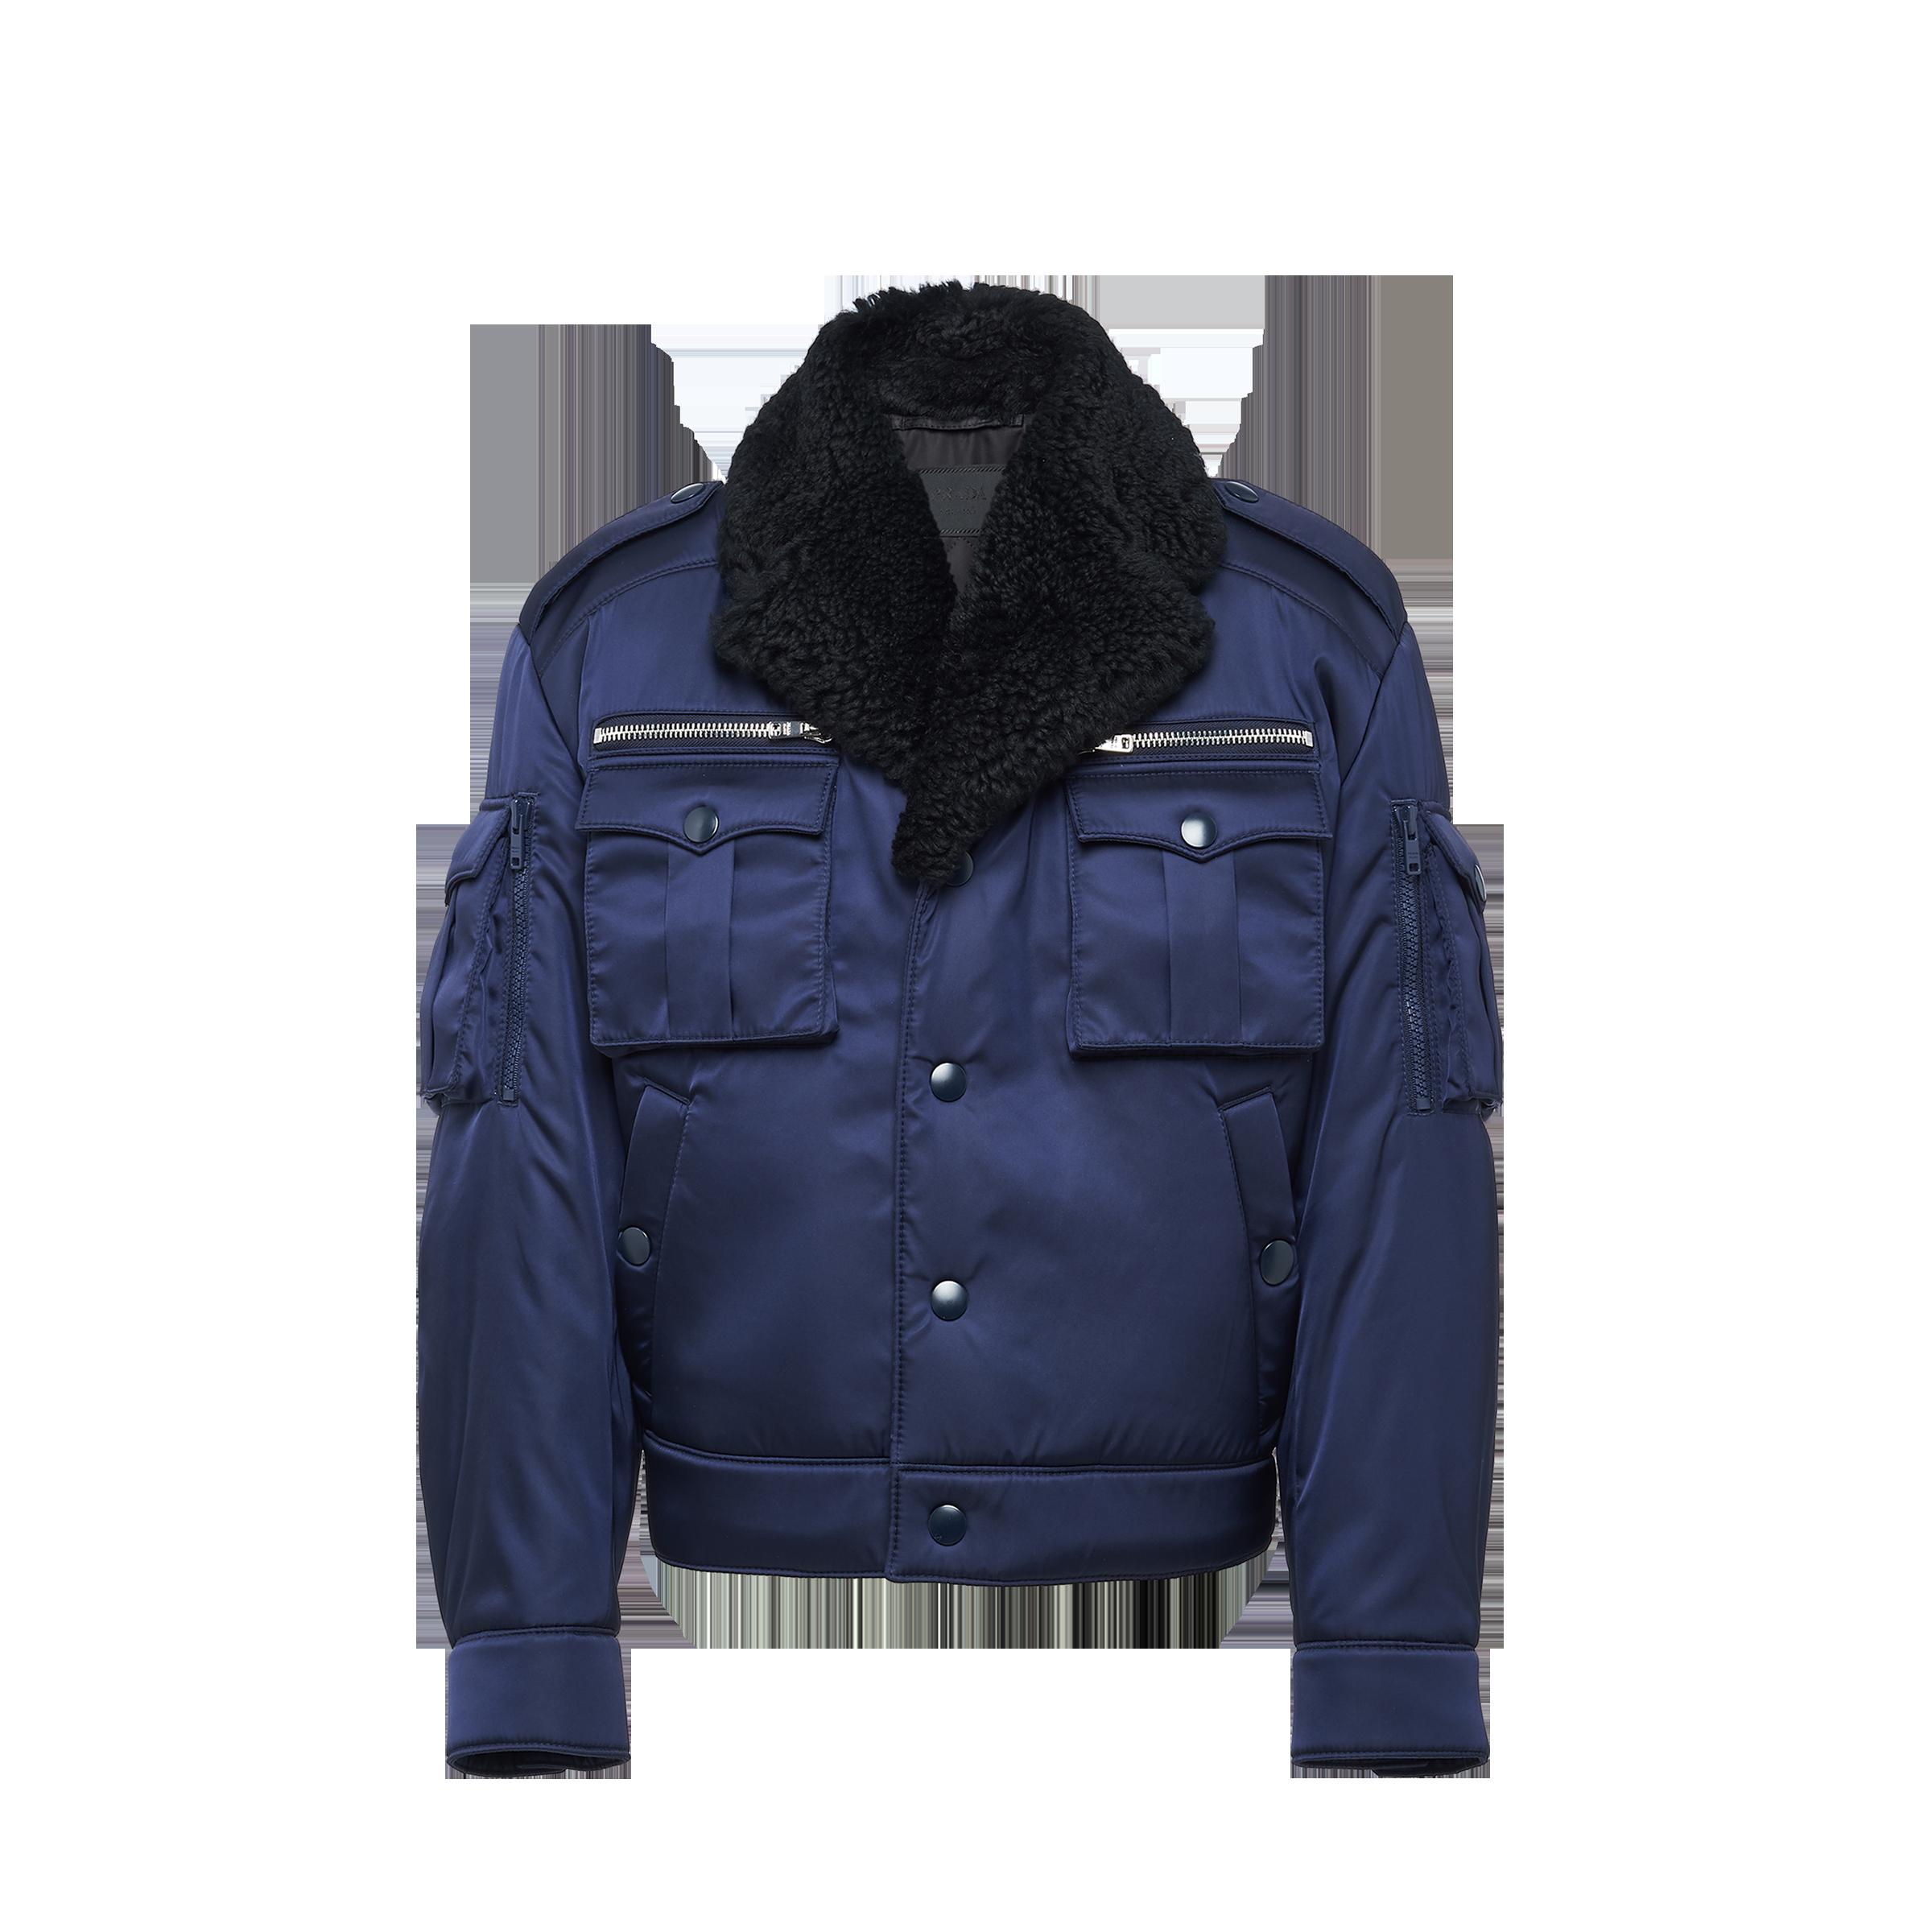 4a311d82ba6efc Abbigliamento Uomo | Prada.com